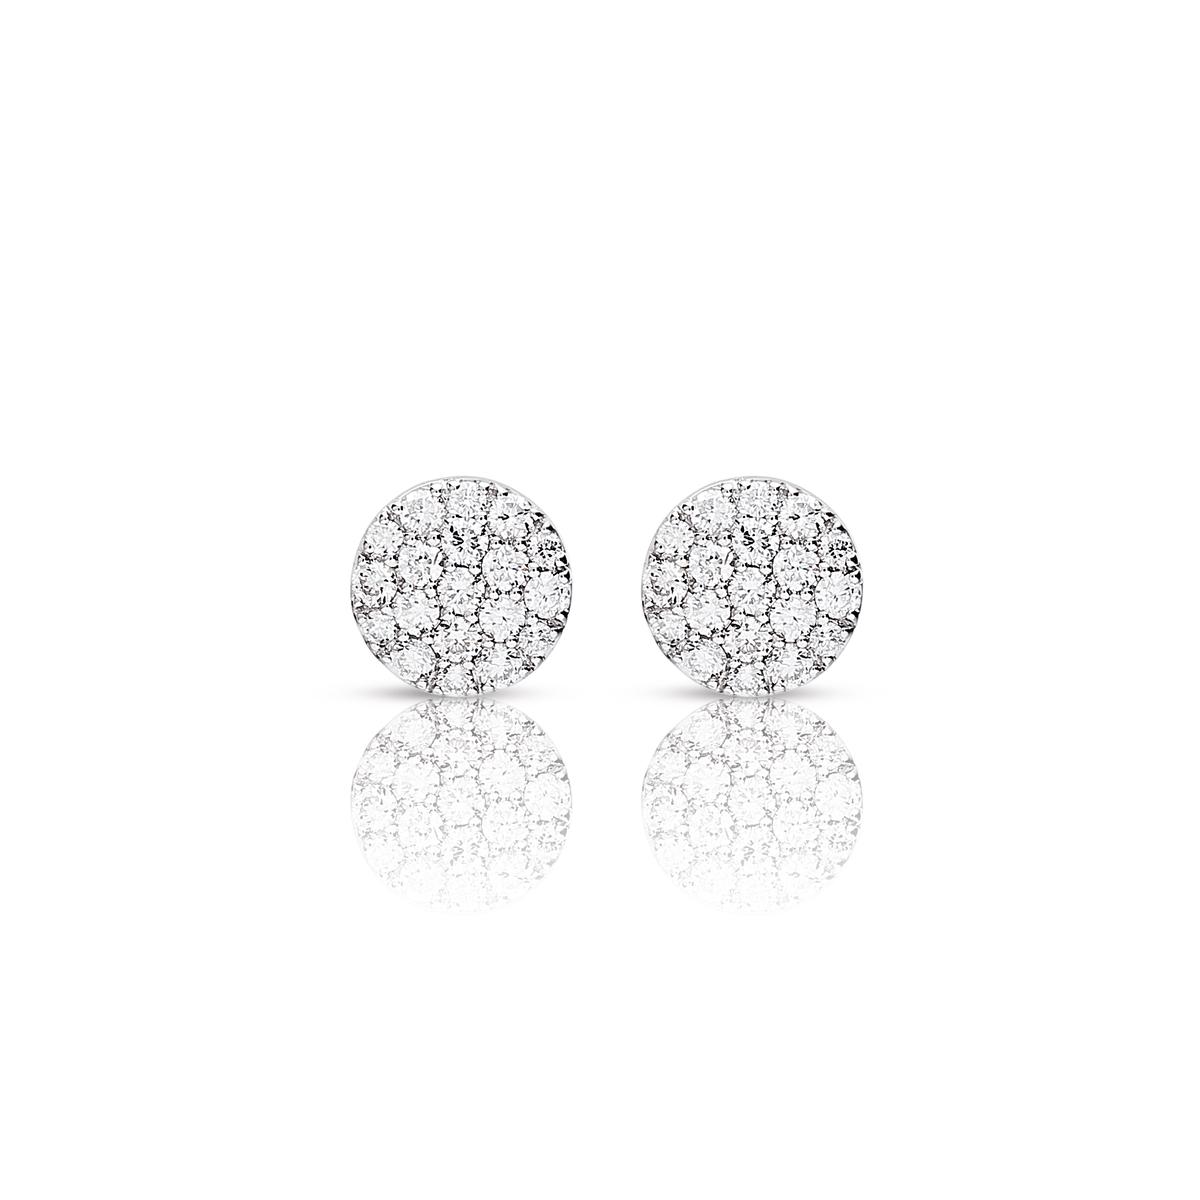 eolo earrings in white gold